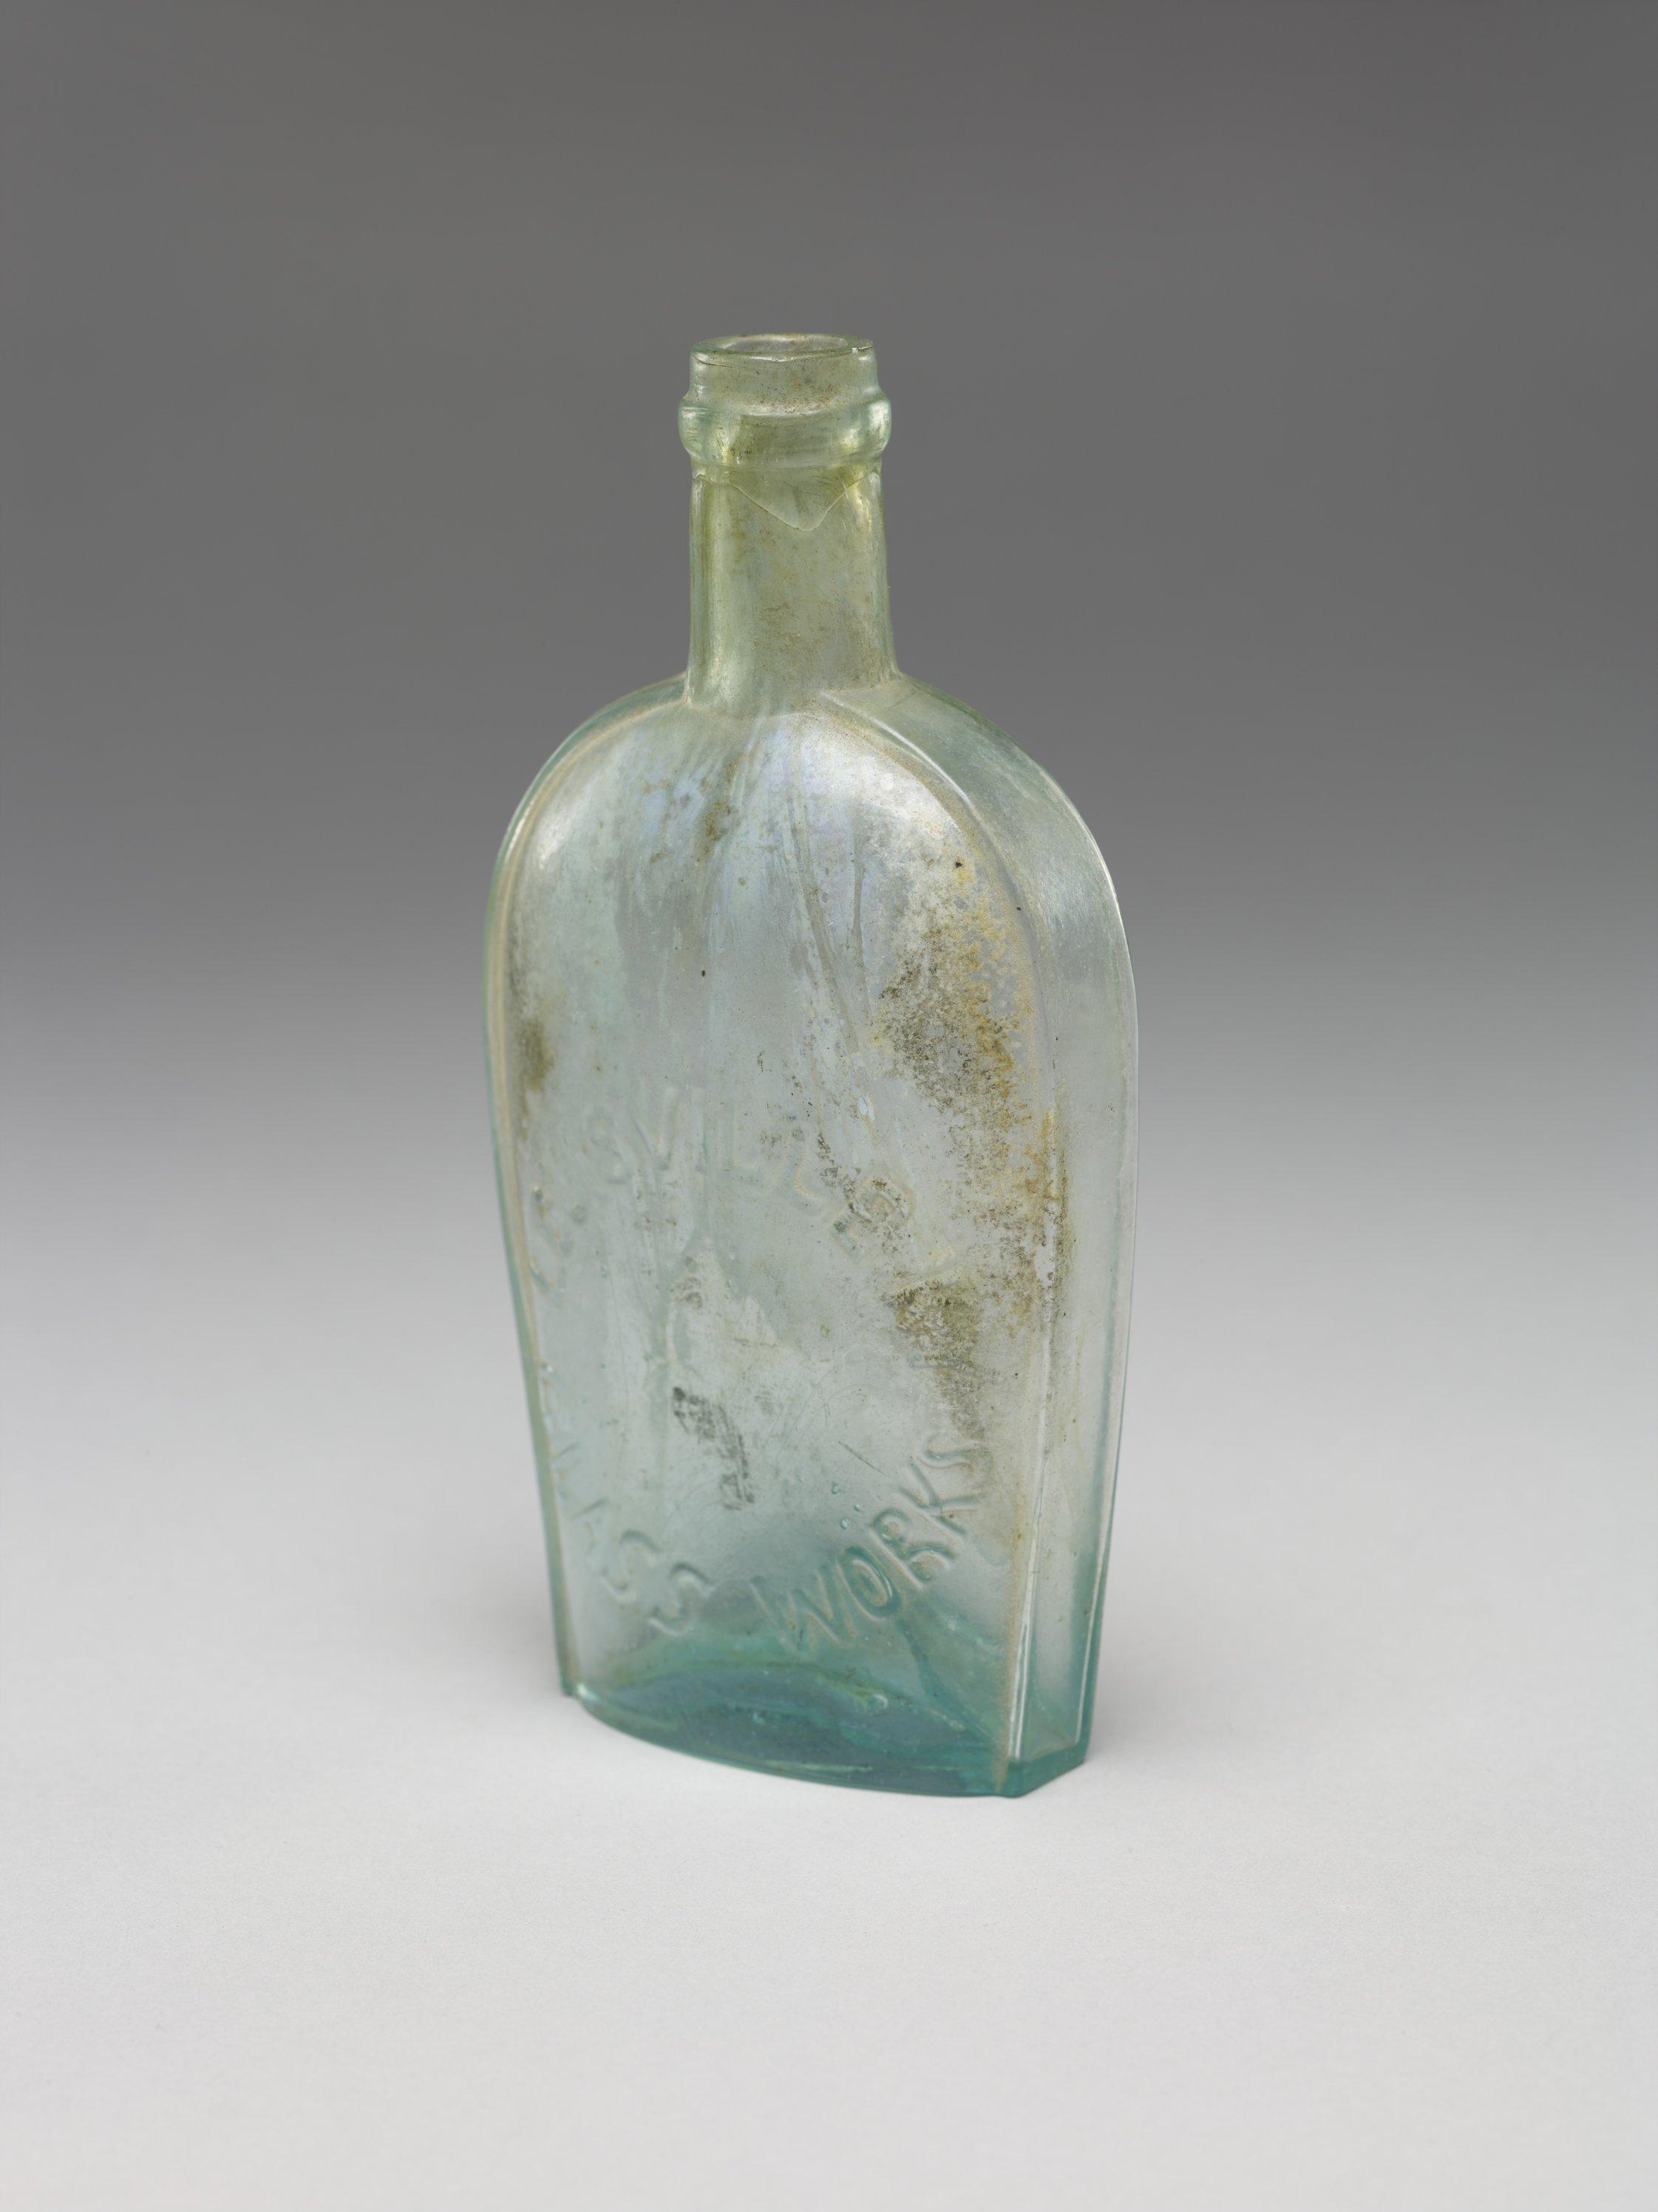 Flask from Fort Scott, 14BO302 - 2